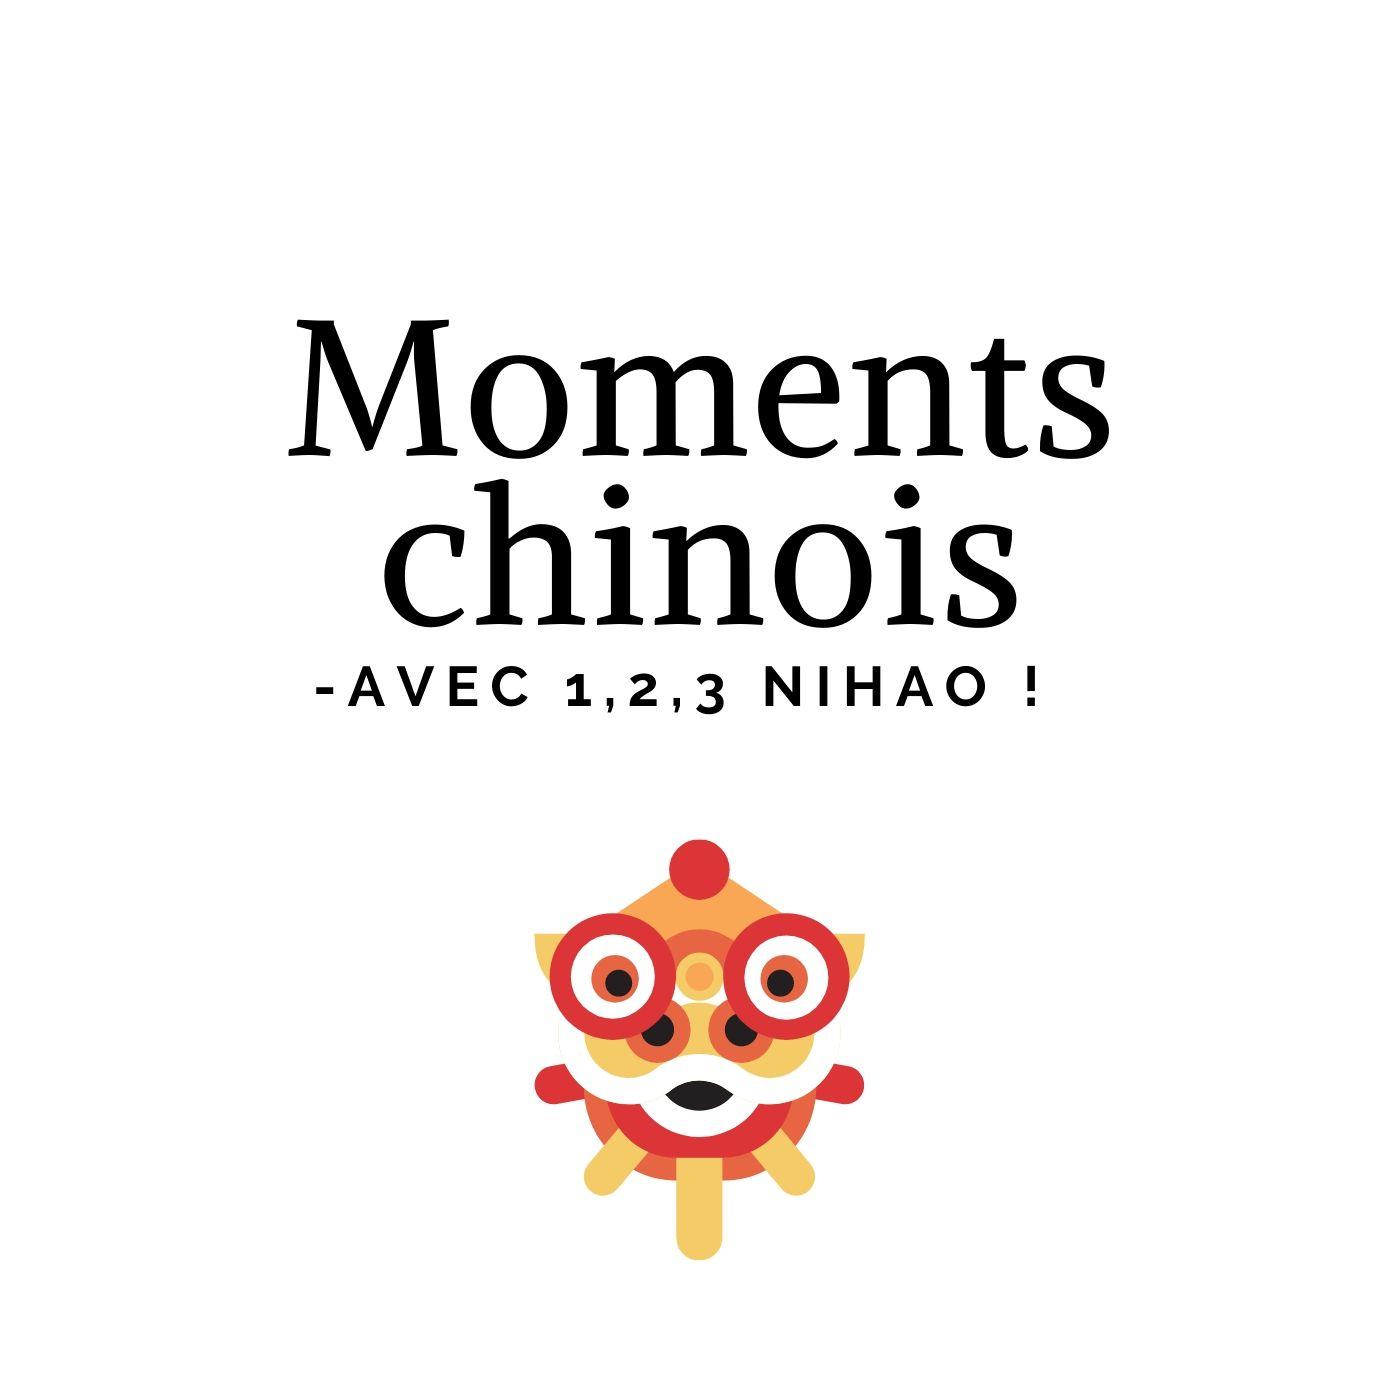 Moments chinois avec 1,2,3 NiHao !